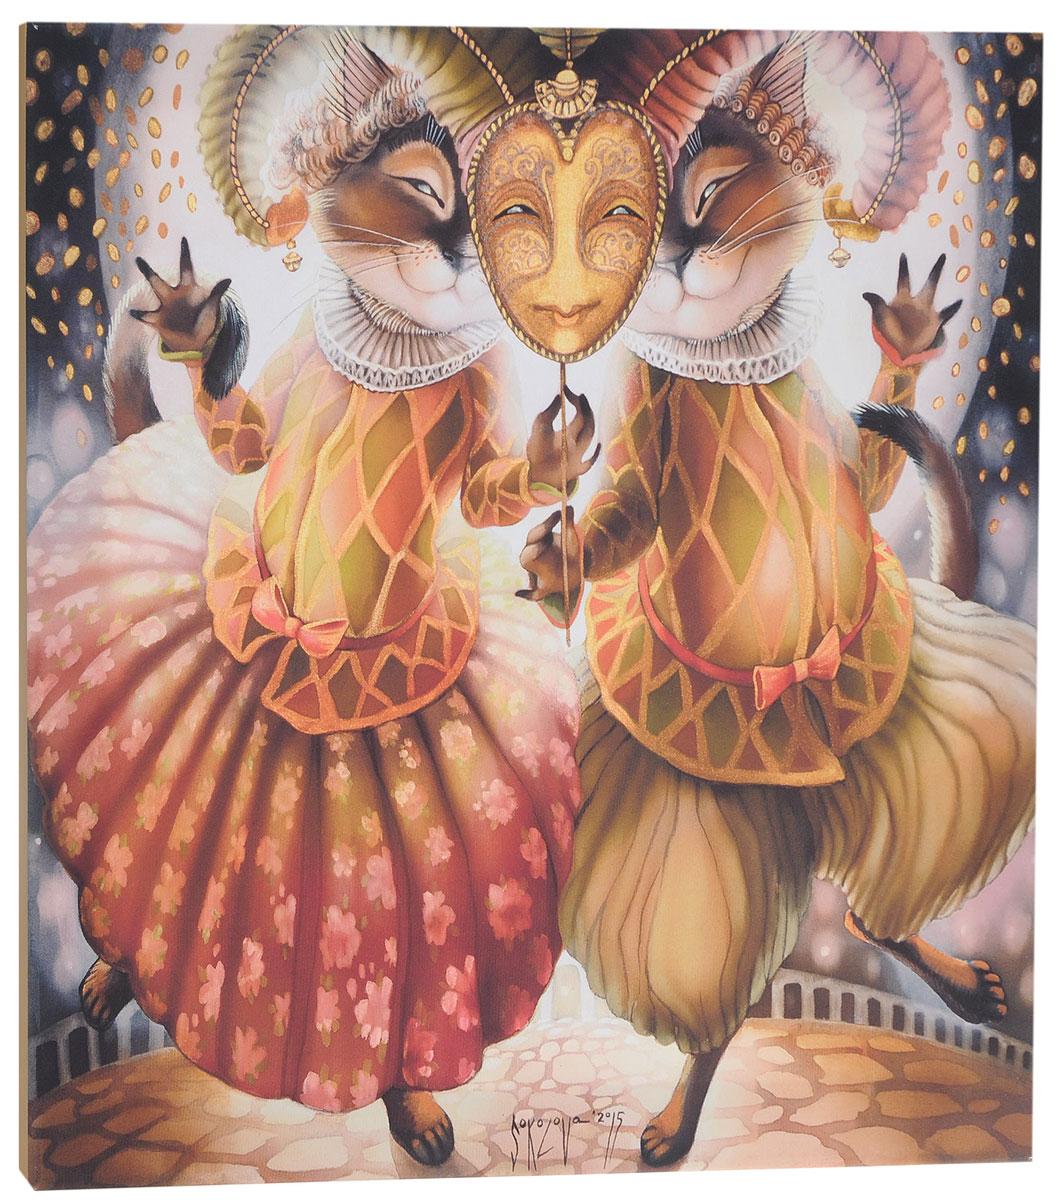 КвикДекор Картина детская БлизнецыAP-00873-00089-Cn5050Картина КвикДекор Близнецы - это прекрасное украшение для вашей гостиной, детской или спальни. Она привнесет в интерьер яркий акцент и сделает обстановку комфортной и уютной. Автор картины - Надежда Соколова - родилась в 1973 году в городе Дрездене. В 1986-1990 годах училась в Художественной школе города Новгорода. В 1995 году окончила с отличием рекламное отделение Новгородского училища культуры. В 2000 году защитила диплом на факультете Искусств и Технологий НовГУ имени Ярослава Мудрого. Выставляется с 1996 года. Работает в техниках: живопись, графика, батик, лаковая миниатюра, авторская кукла. Является автором оригинального стиля в миниатюре. Изделие представляет собой картину с латексной печатью на натуральном хлопчатобумажном холсте. Галерейная натяжка на деревянный подрамник выполнена очень аккуратно, а боковые части картины запечатаны тоновой заливкой. Обратная сторона подрамника содержит отверстие, благодаря которому картину можно легко закрепить на стене и...